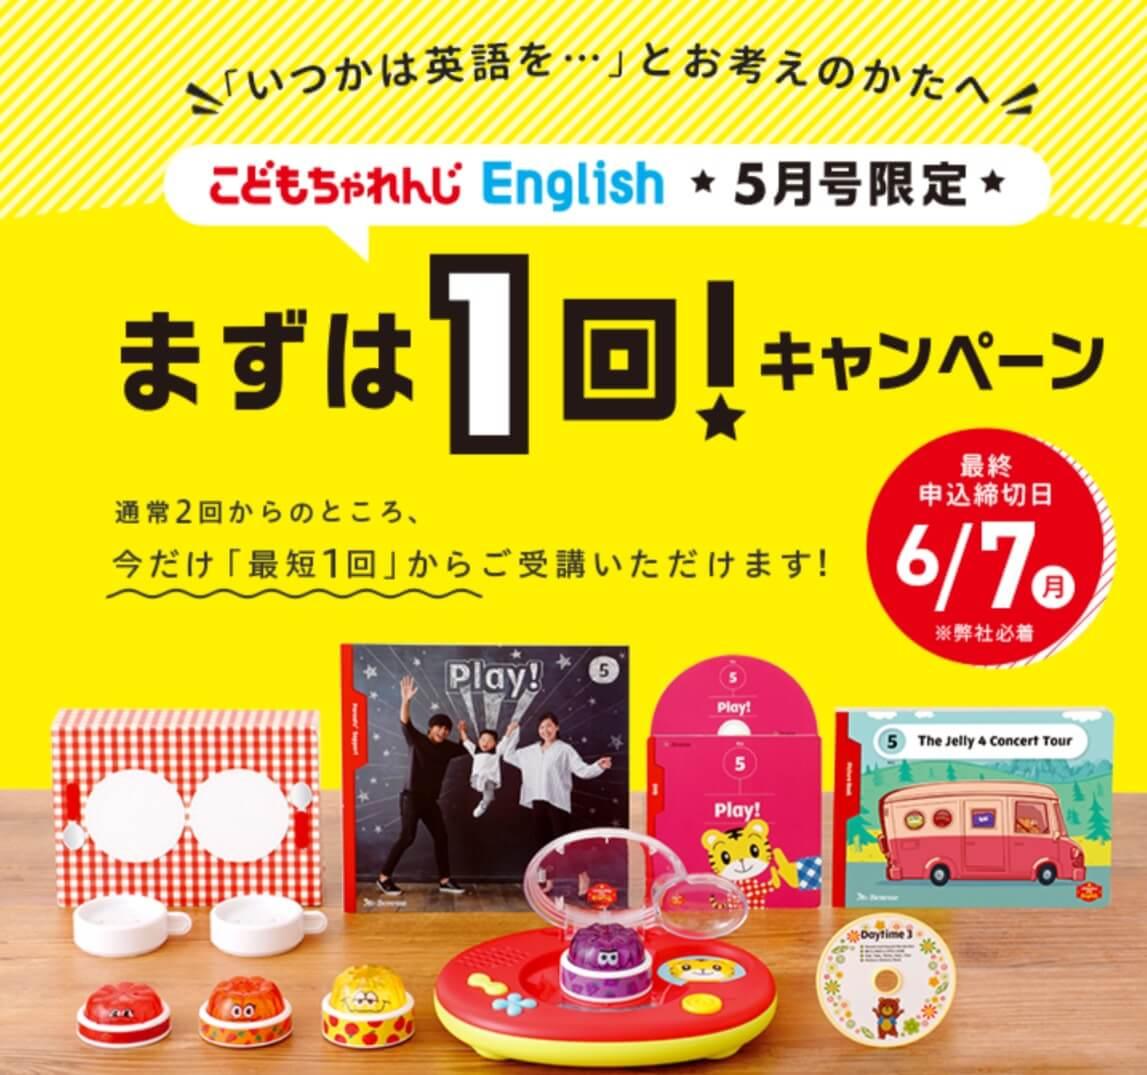 こどもちゃれんじ 英語 キャンペーン ママ塾 家庭学習 2021年5月